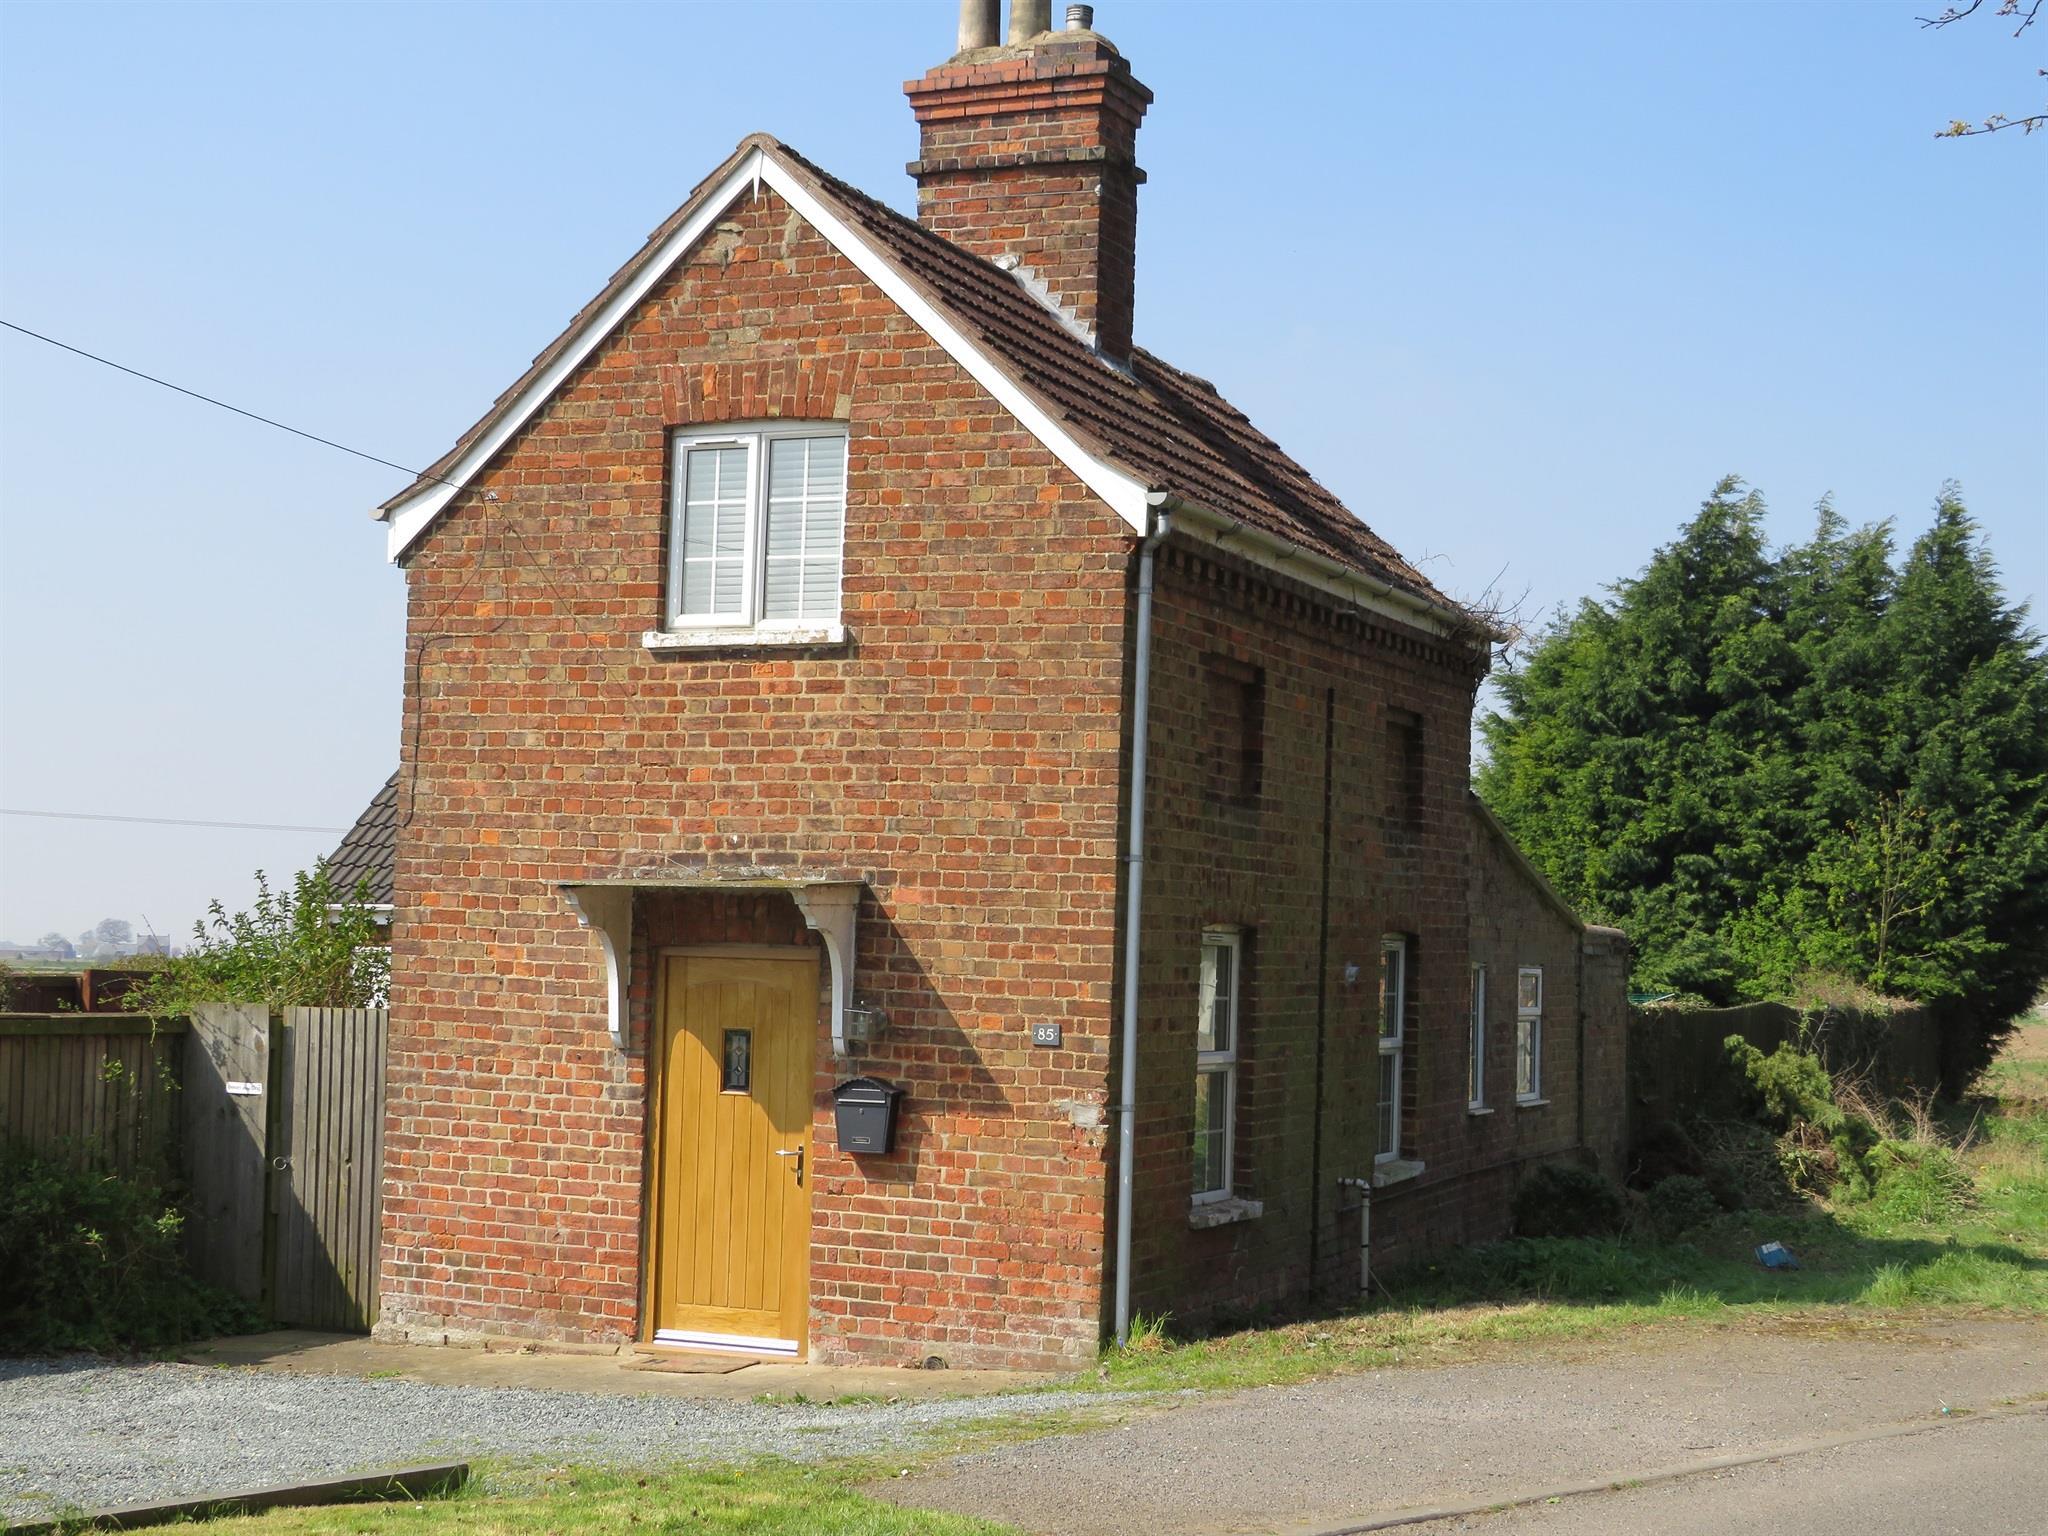 2 Bedroom Cottage For Sale Garnsgate Road Spalding Pe12 9bu